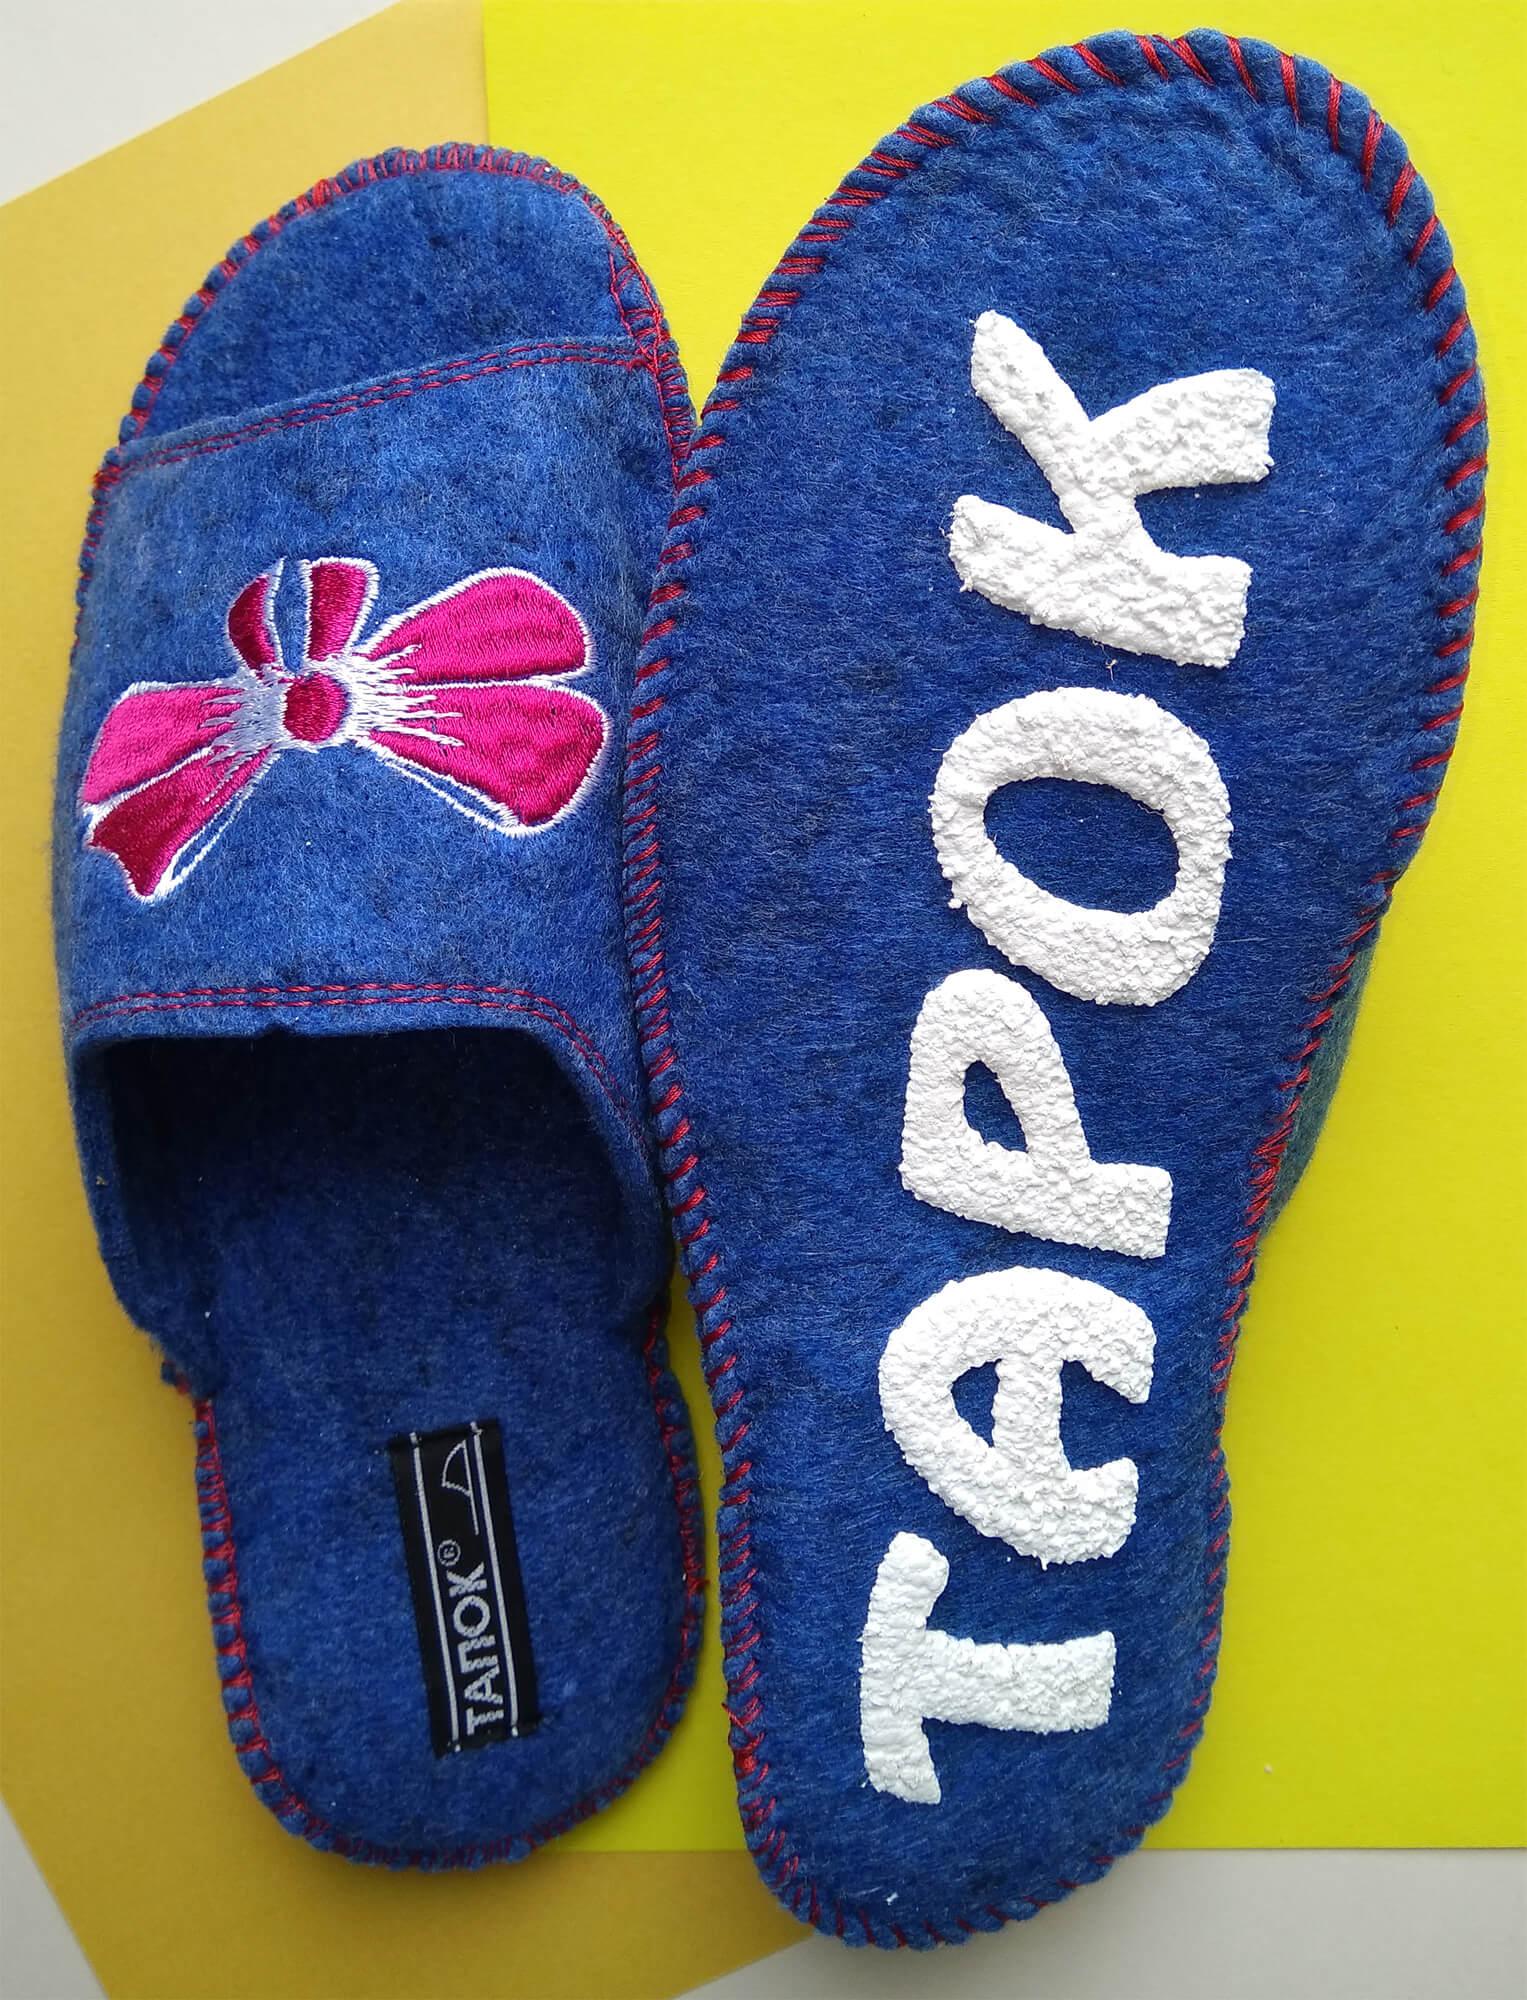 Войлочные тапочки женские TapOK T509r. Фото 4